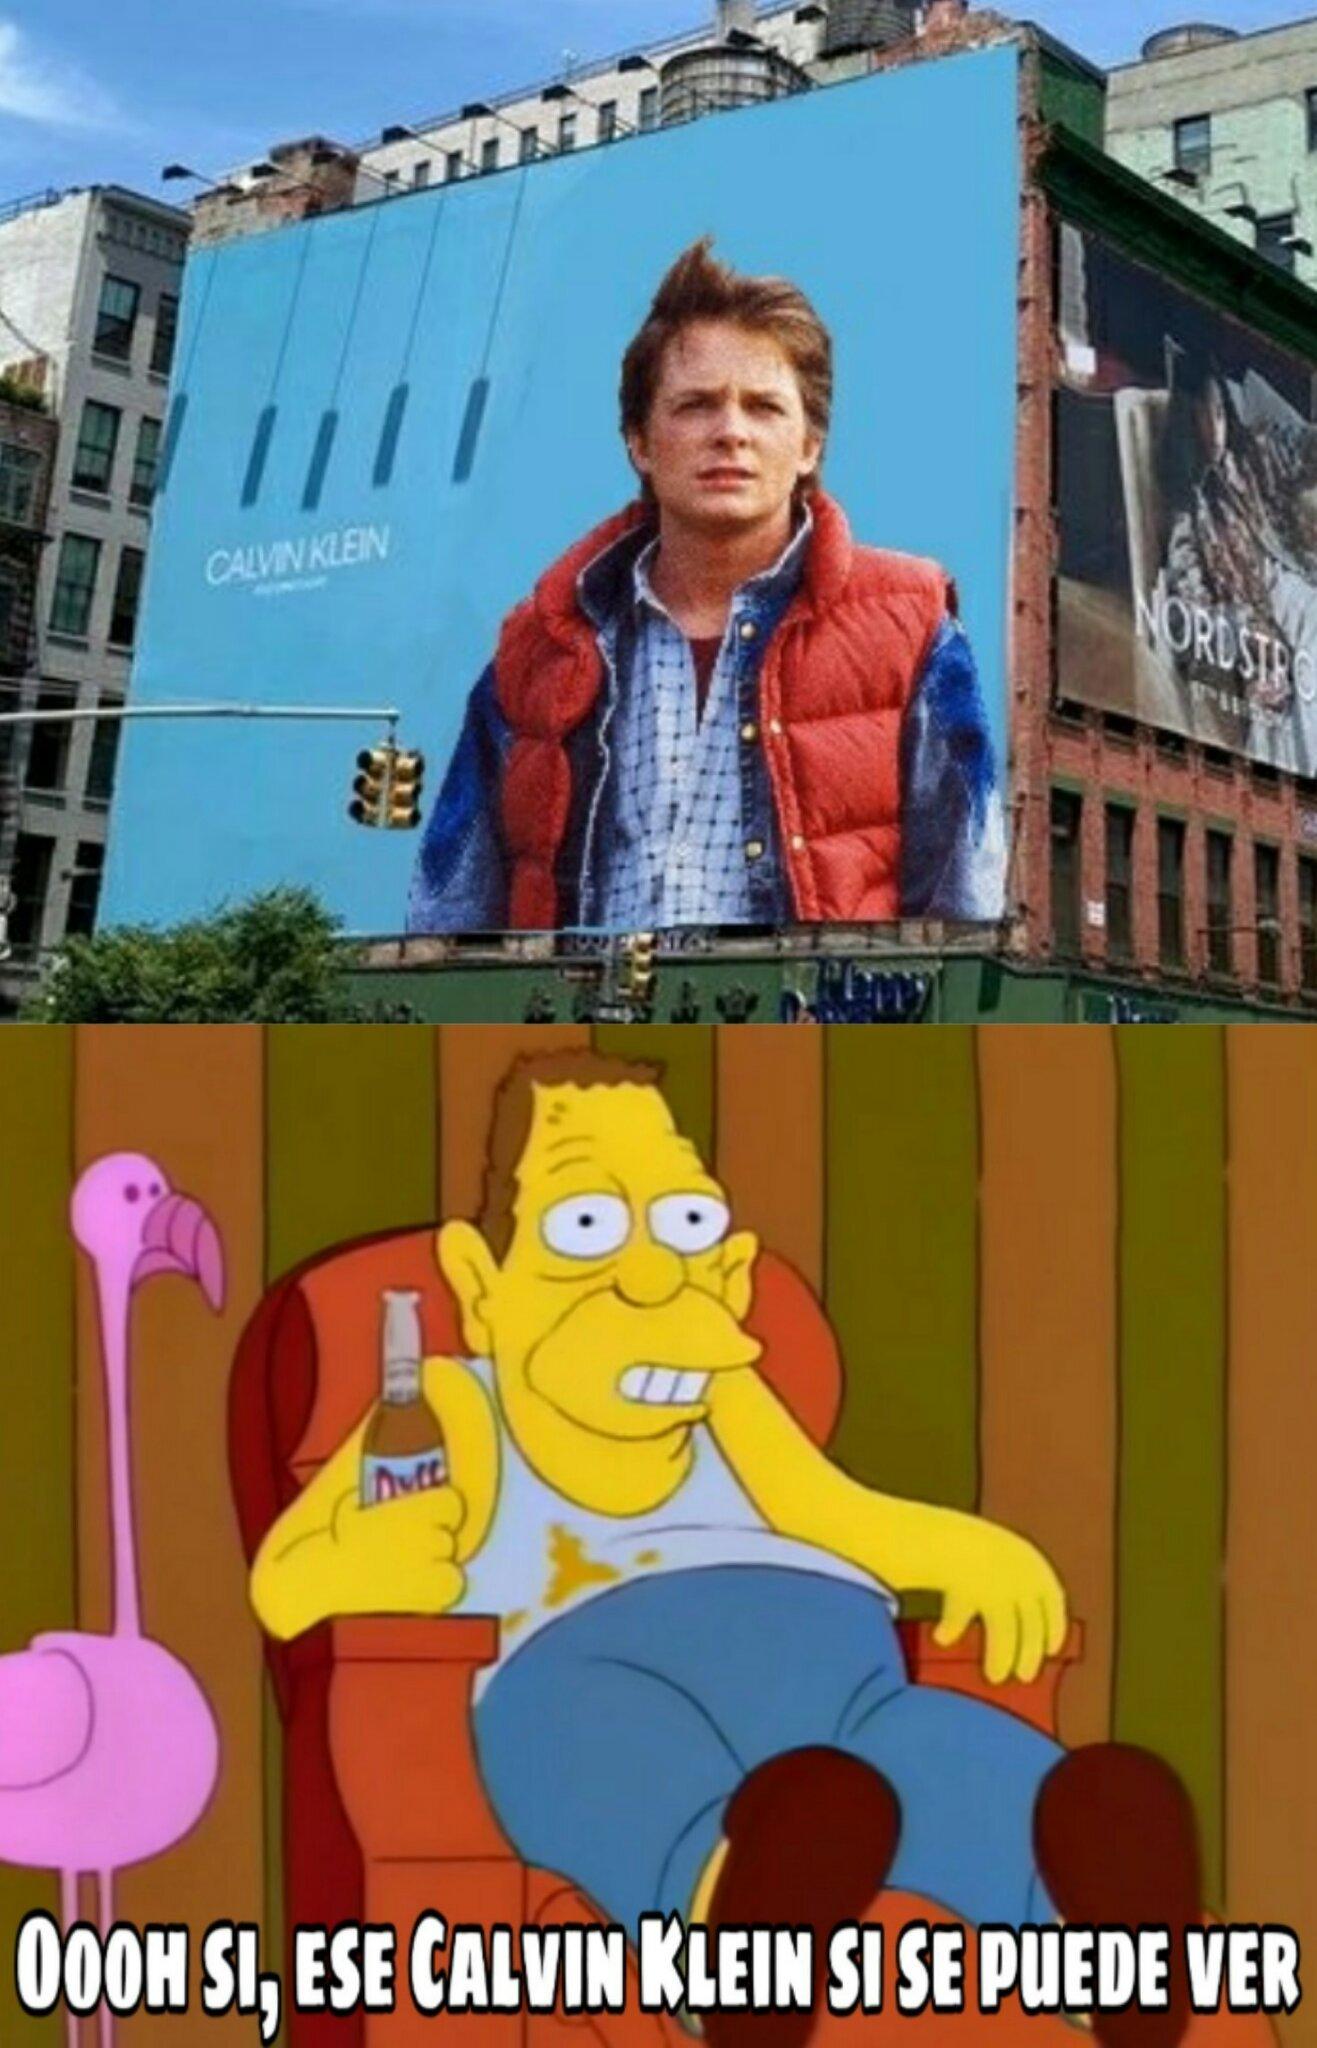 Pal Aweonao que no entienda, Marty McFly se hace llamar Calvin Klein en la primera película de volver al futuro - meme